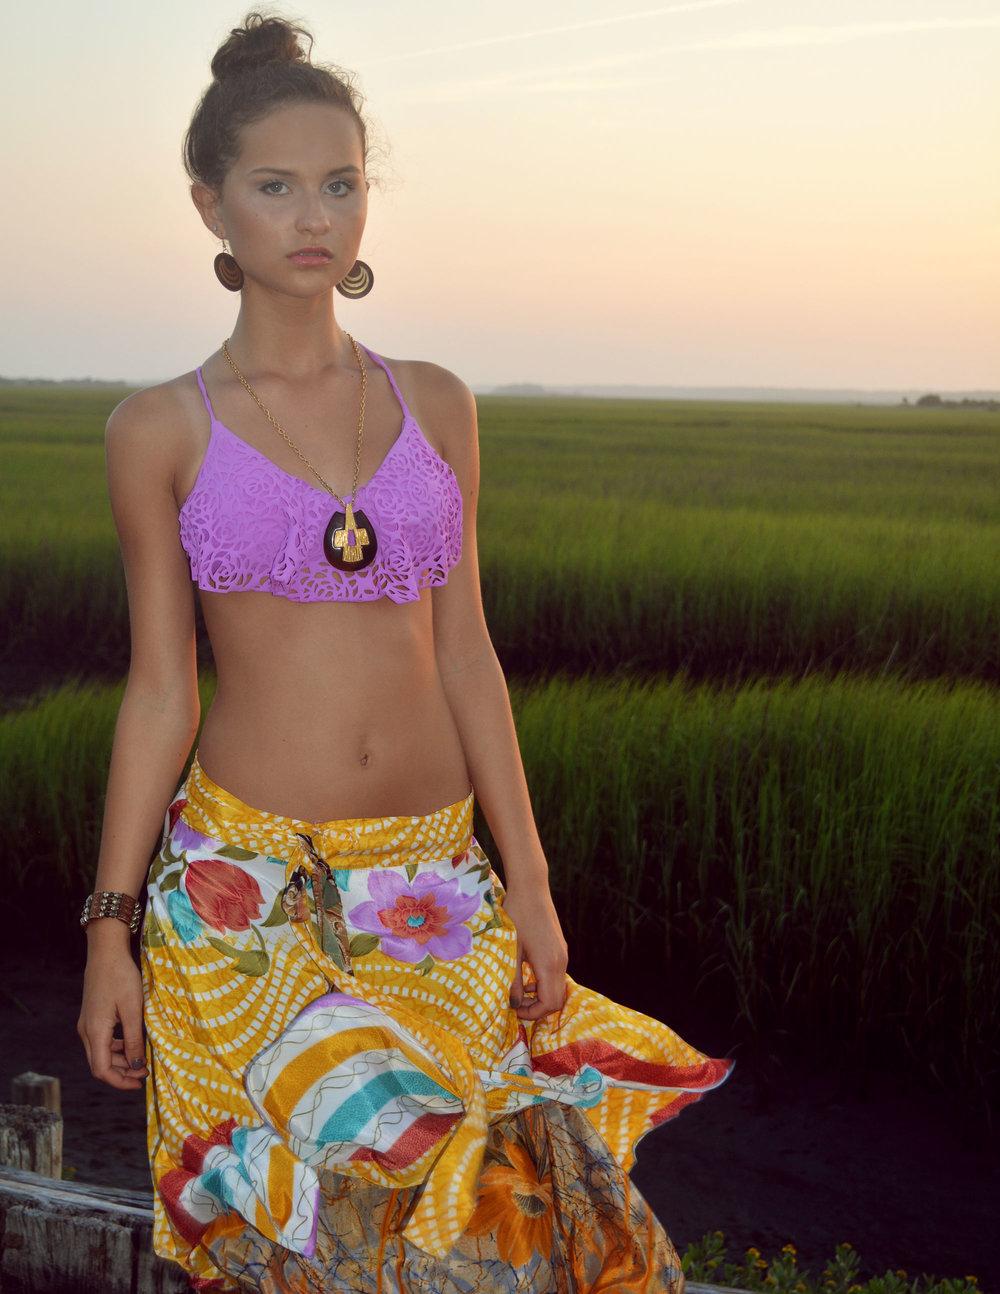 Abby-Purple-Bikini-Full-Length-1-WEB.jpg